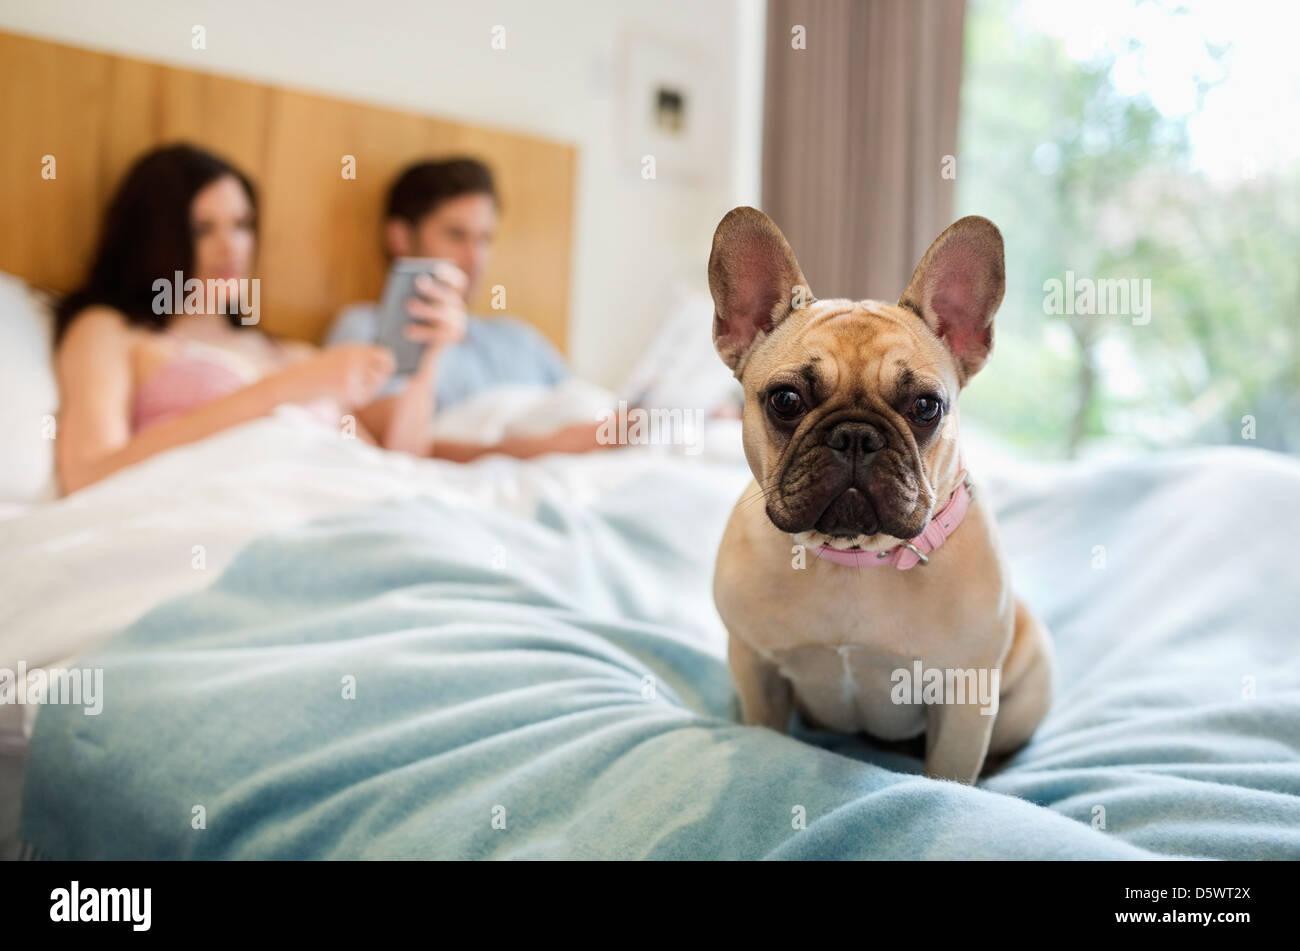 Hundesitting mit paar im Bett Stockbild